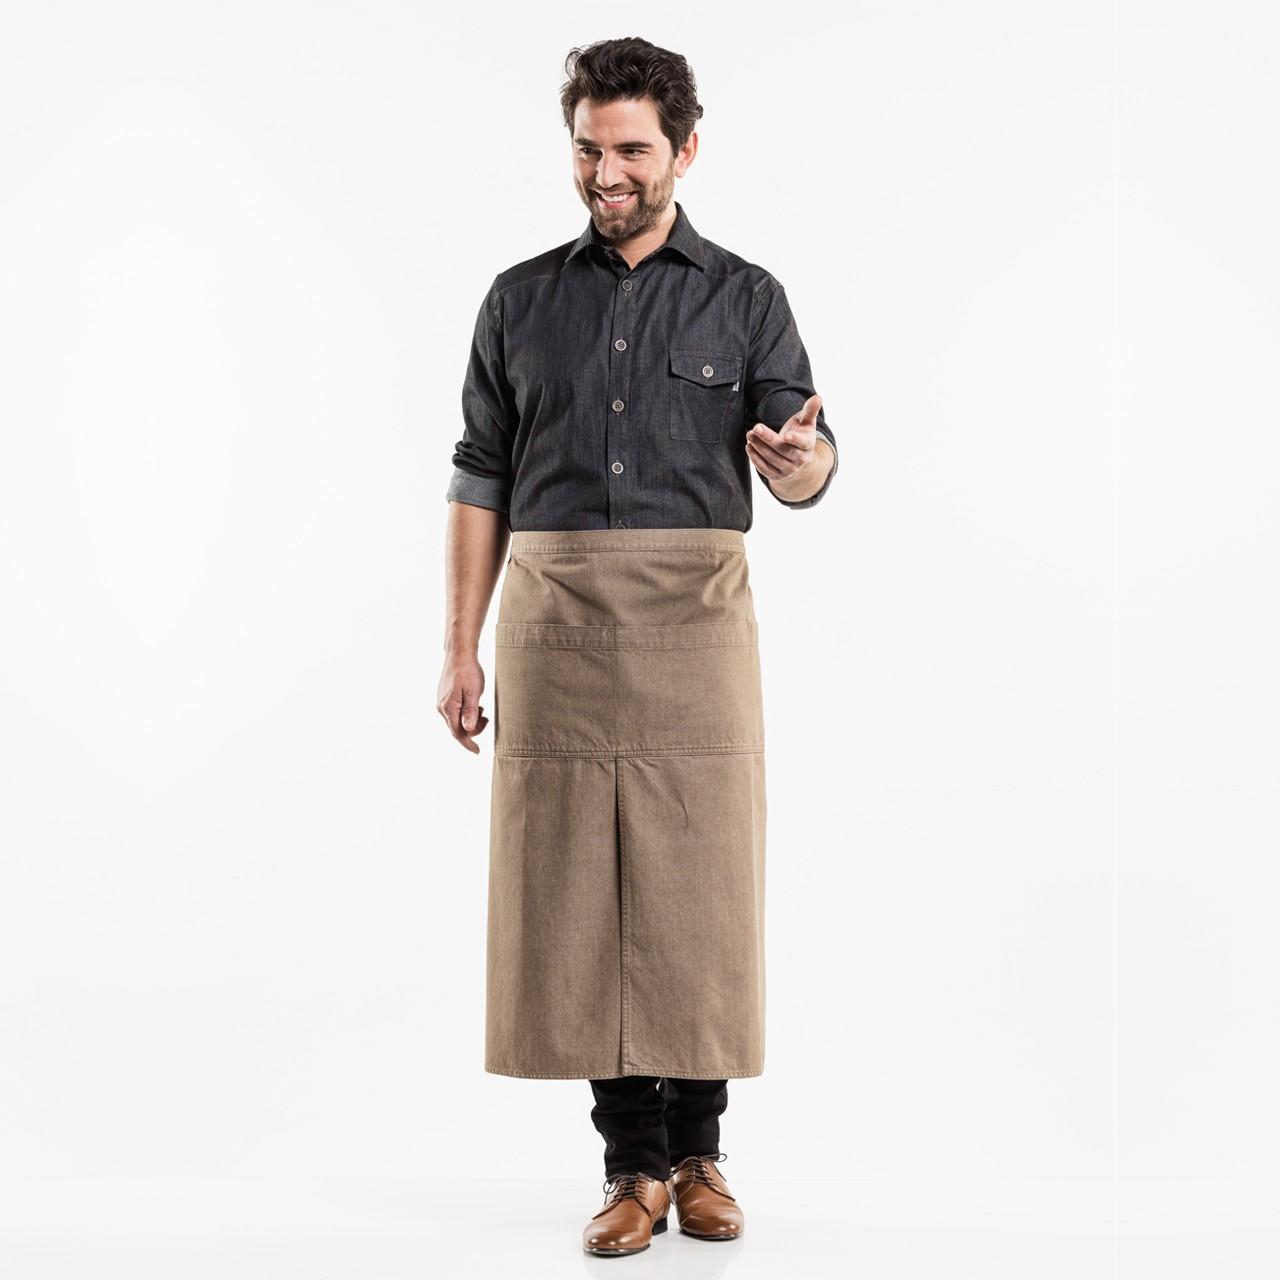 Jeans Bistroschürze mit Schlitz 4-Pockets Chaud Devant® | bedrucken, besticken, bedrucken lassen, besticken lassen, mit Logo |